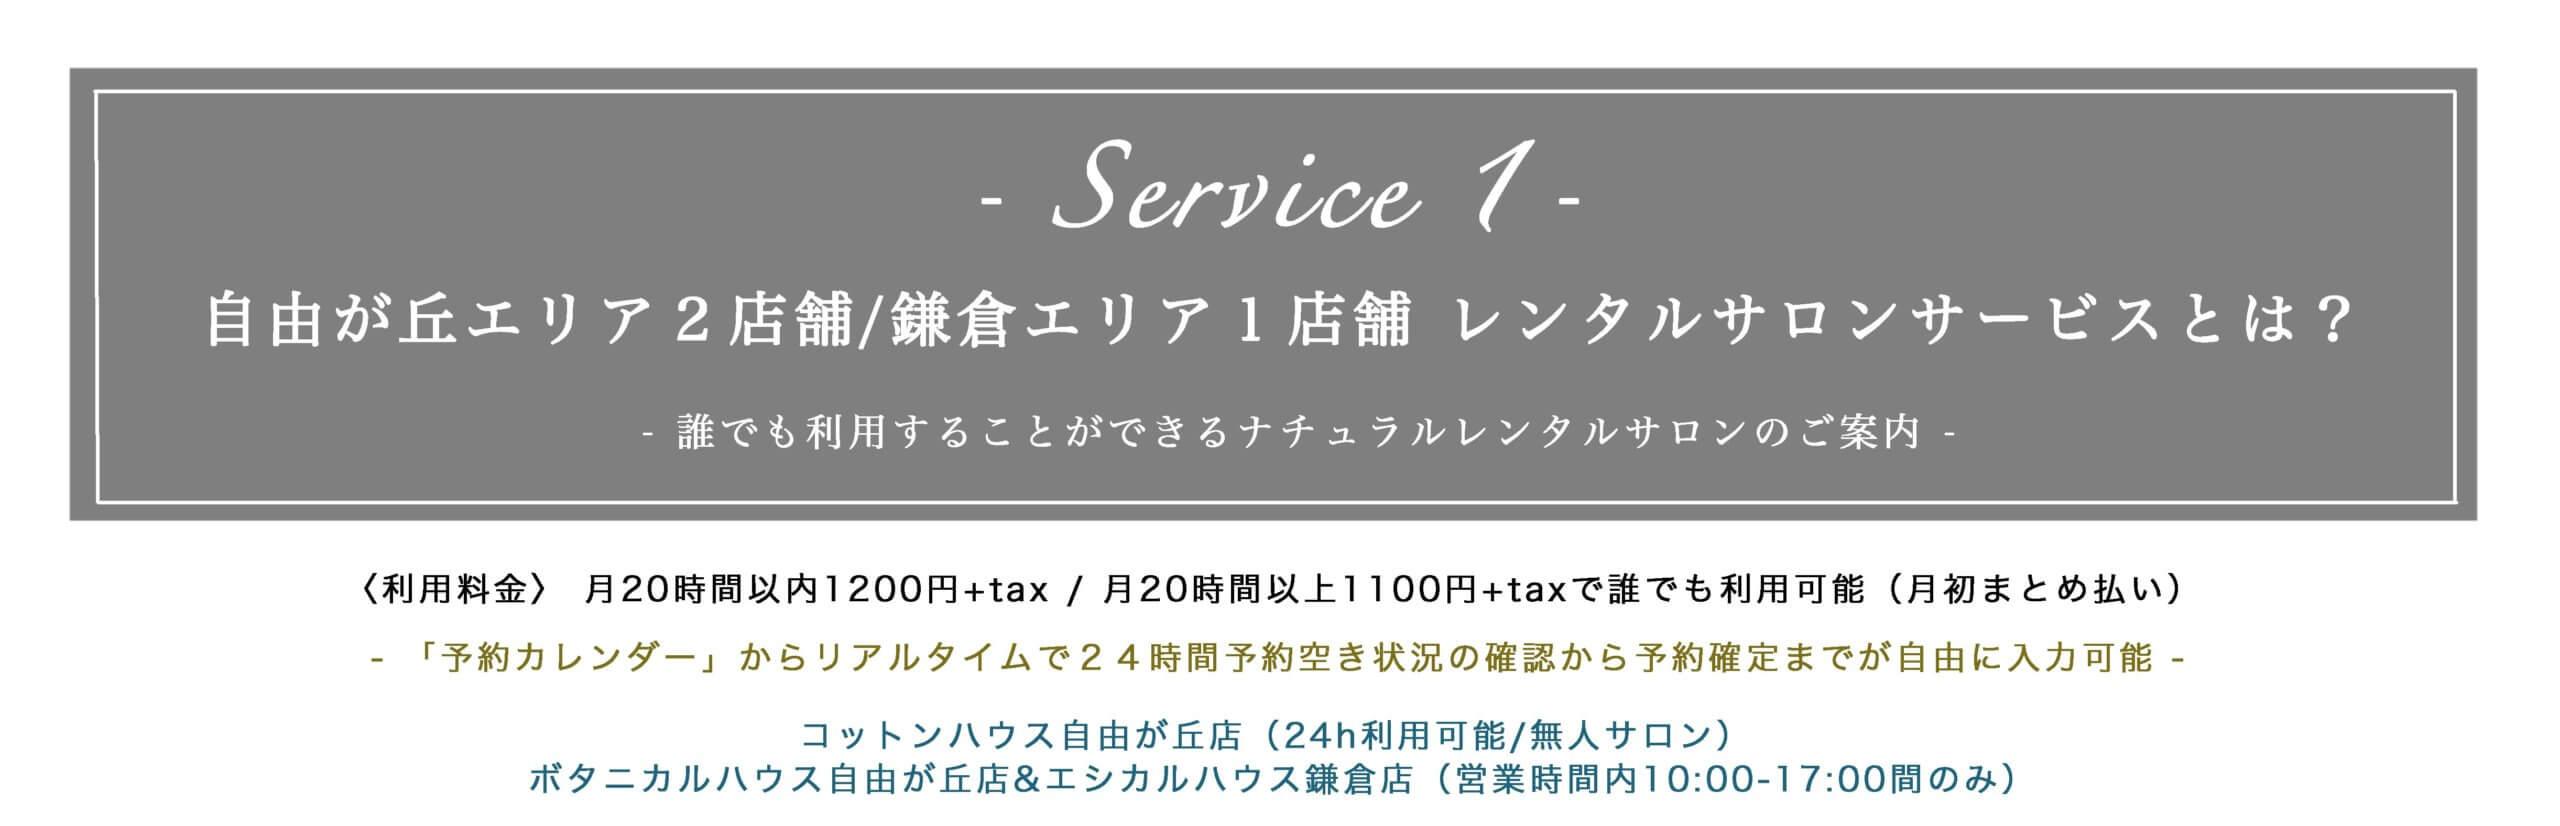 自由が丘エリア2店舗 鎌倉エリア1店舗 レンタルサロンサービスとは?